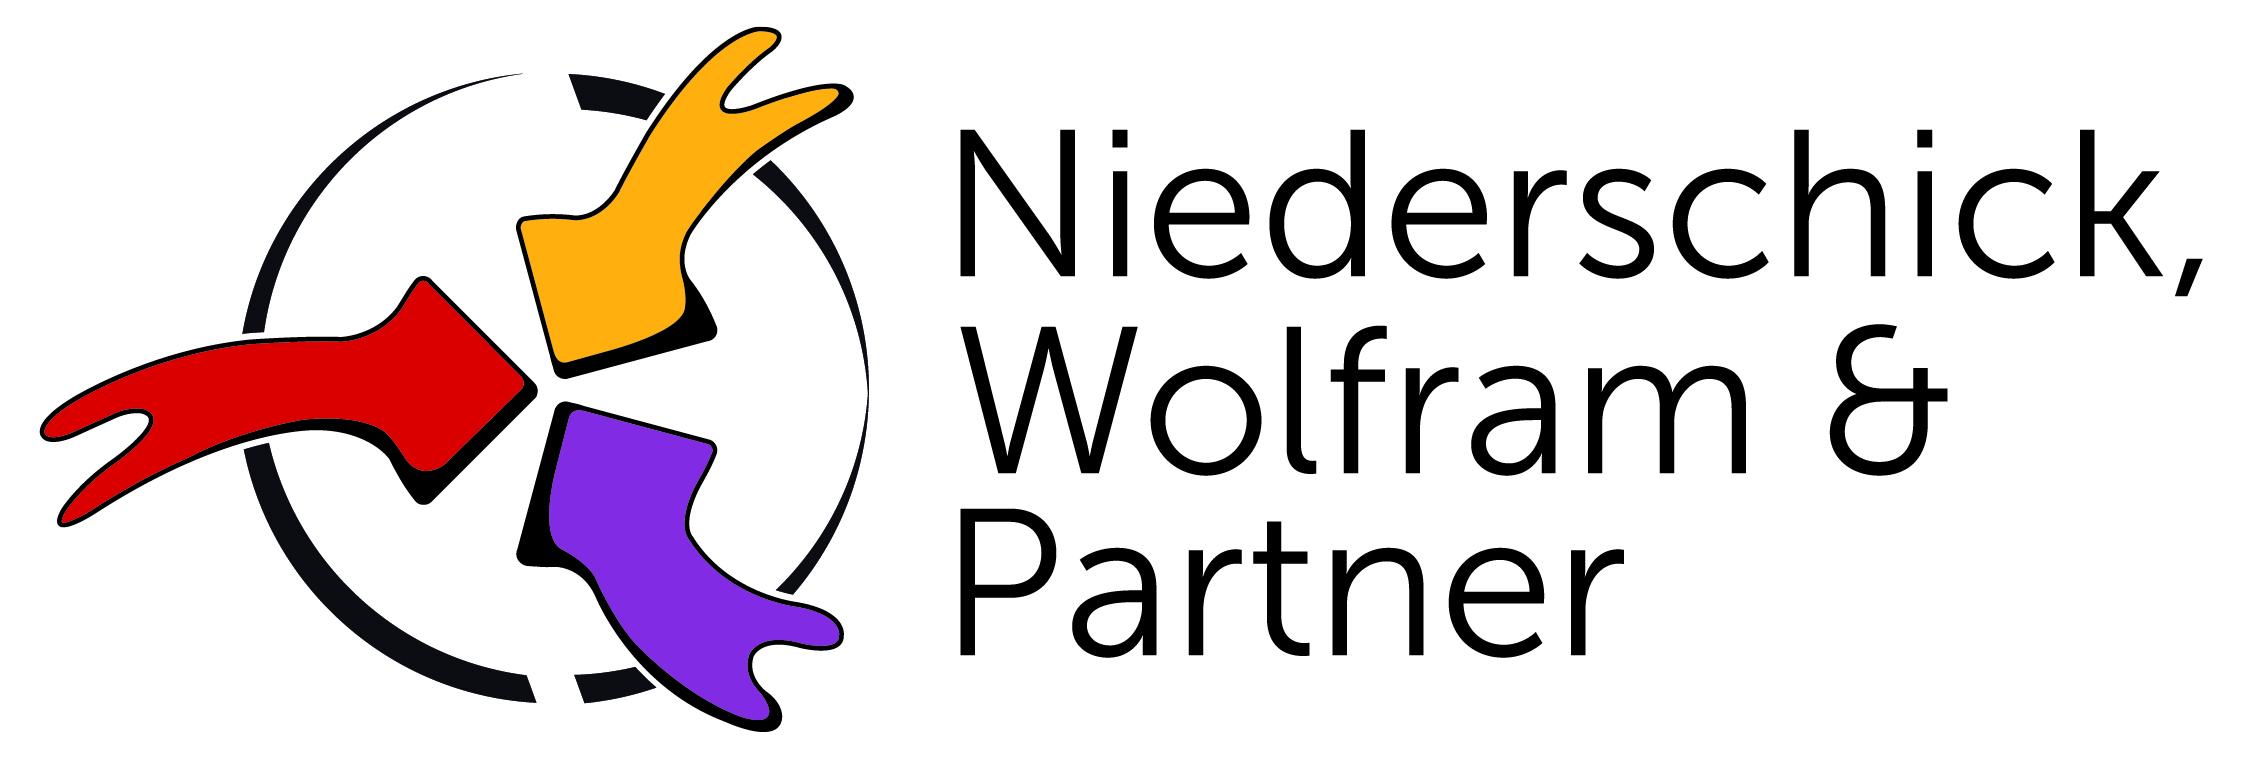 Niederschick